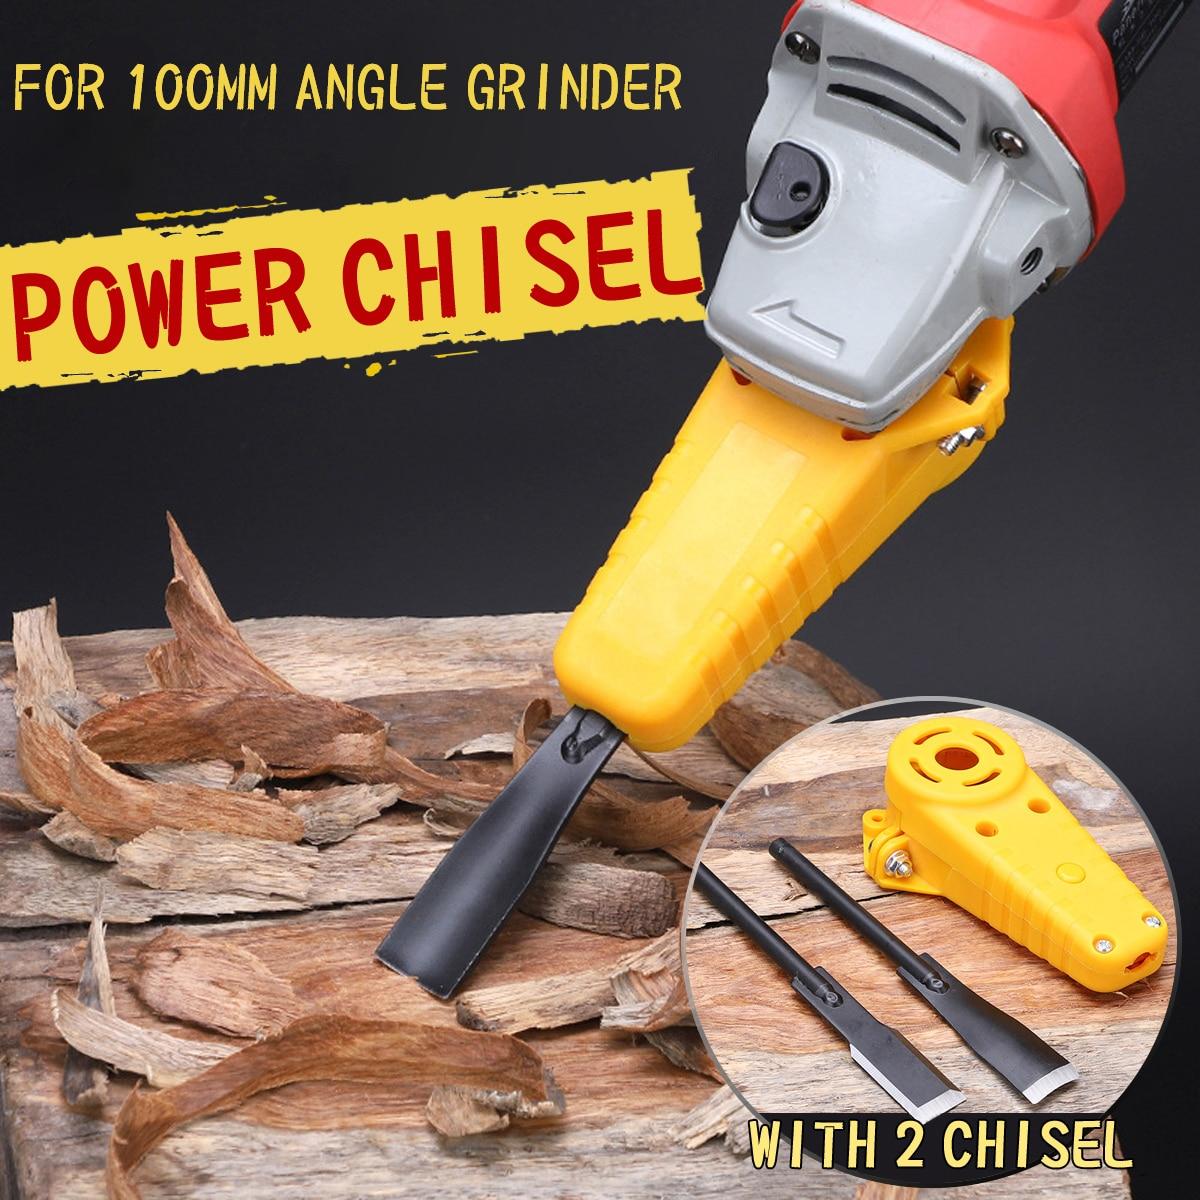 Drillpro escultura em madeira cinzel elétrico m10 adaptador conjunto mudou 100 ângulo moedor em energia cinzel carpintaria ferramenta